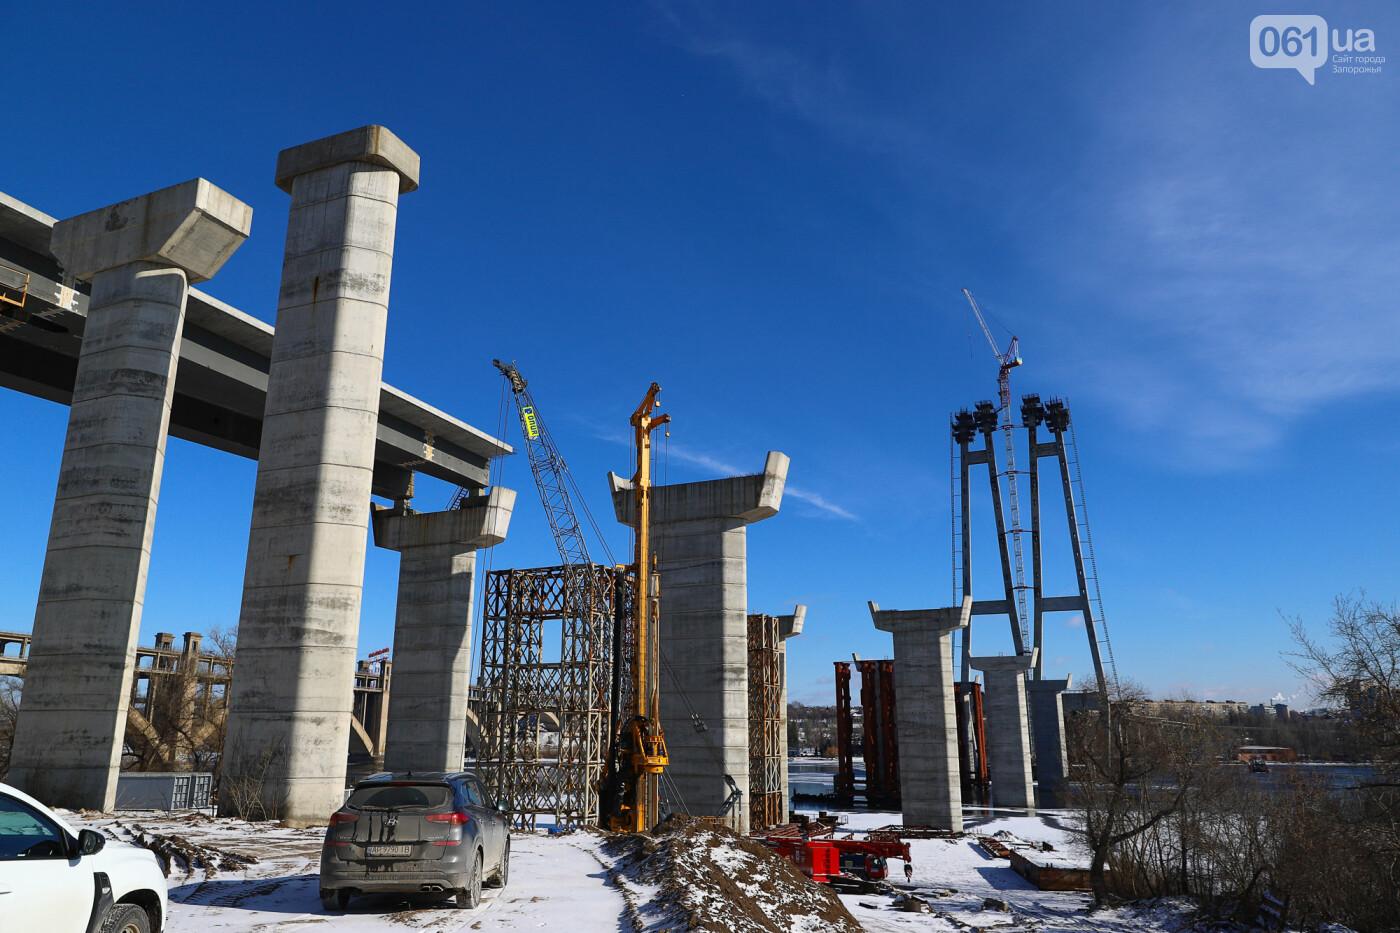 Кран с иностранной пропиской, ванты и металл: строительство запорожских мостов в фотографиях, фото-40